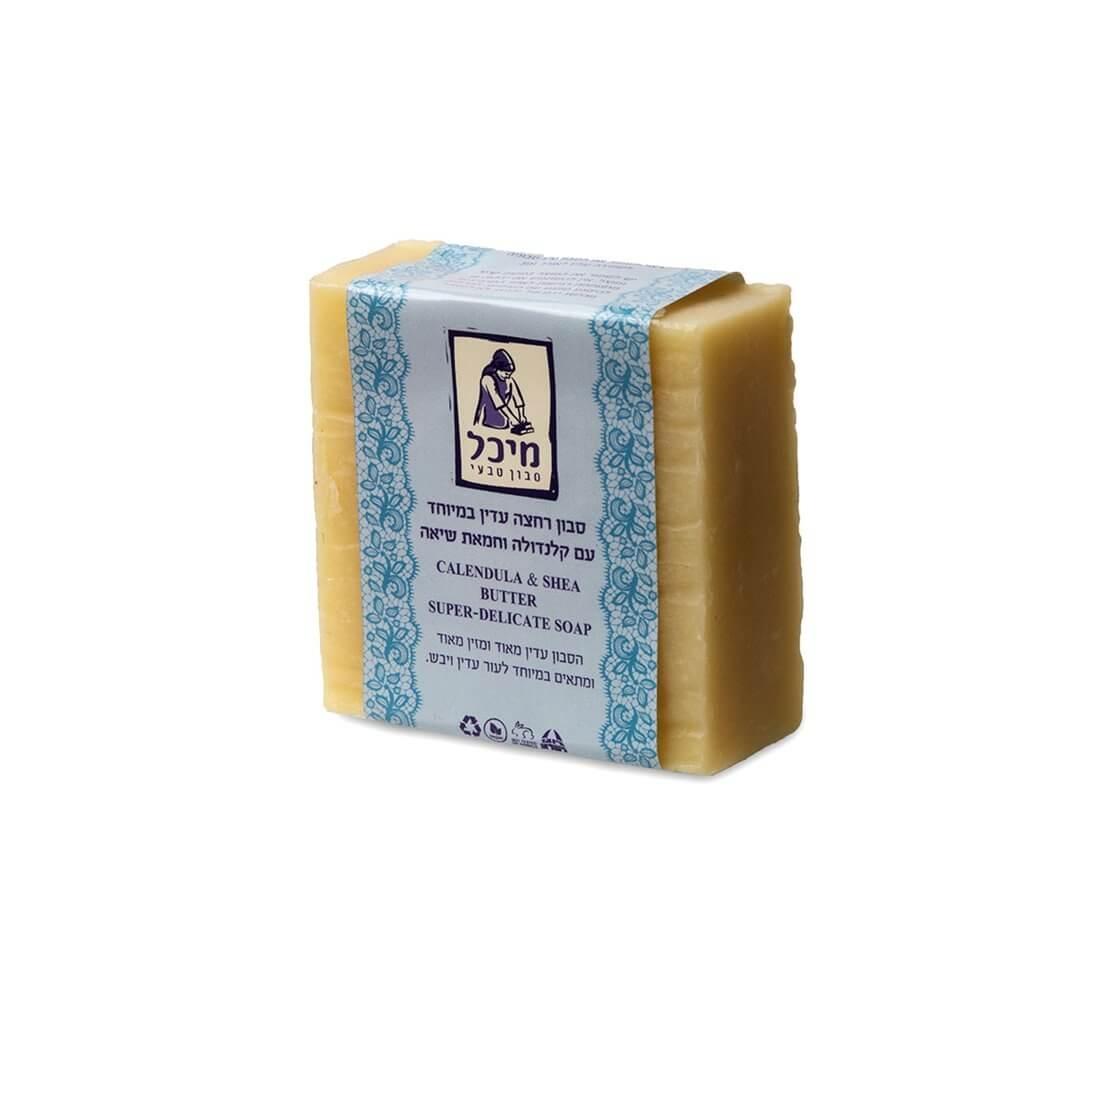 סבון רחצה מוצק עדין במיוחד עם קלנדולה וחמאת שיאה אורגנית - מיכל סבון